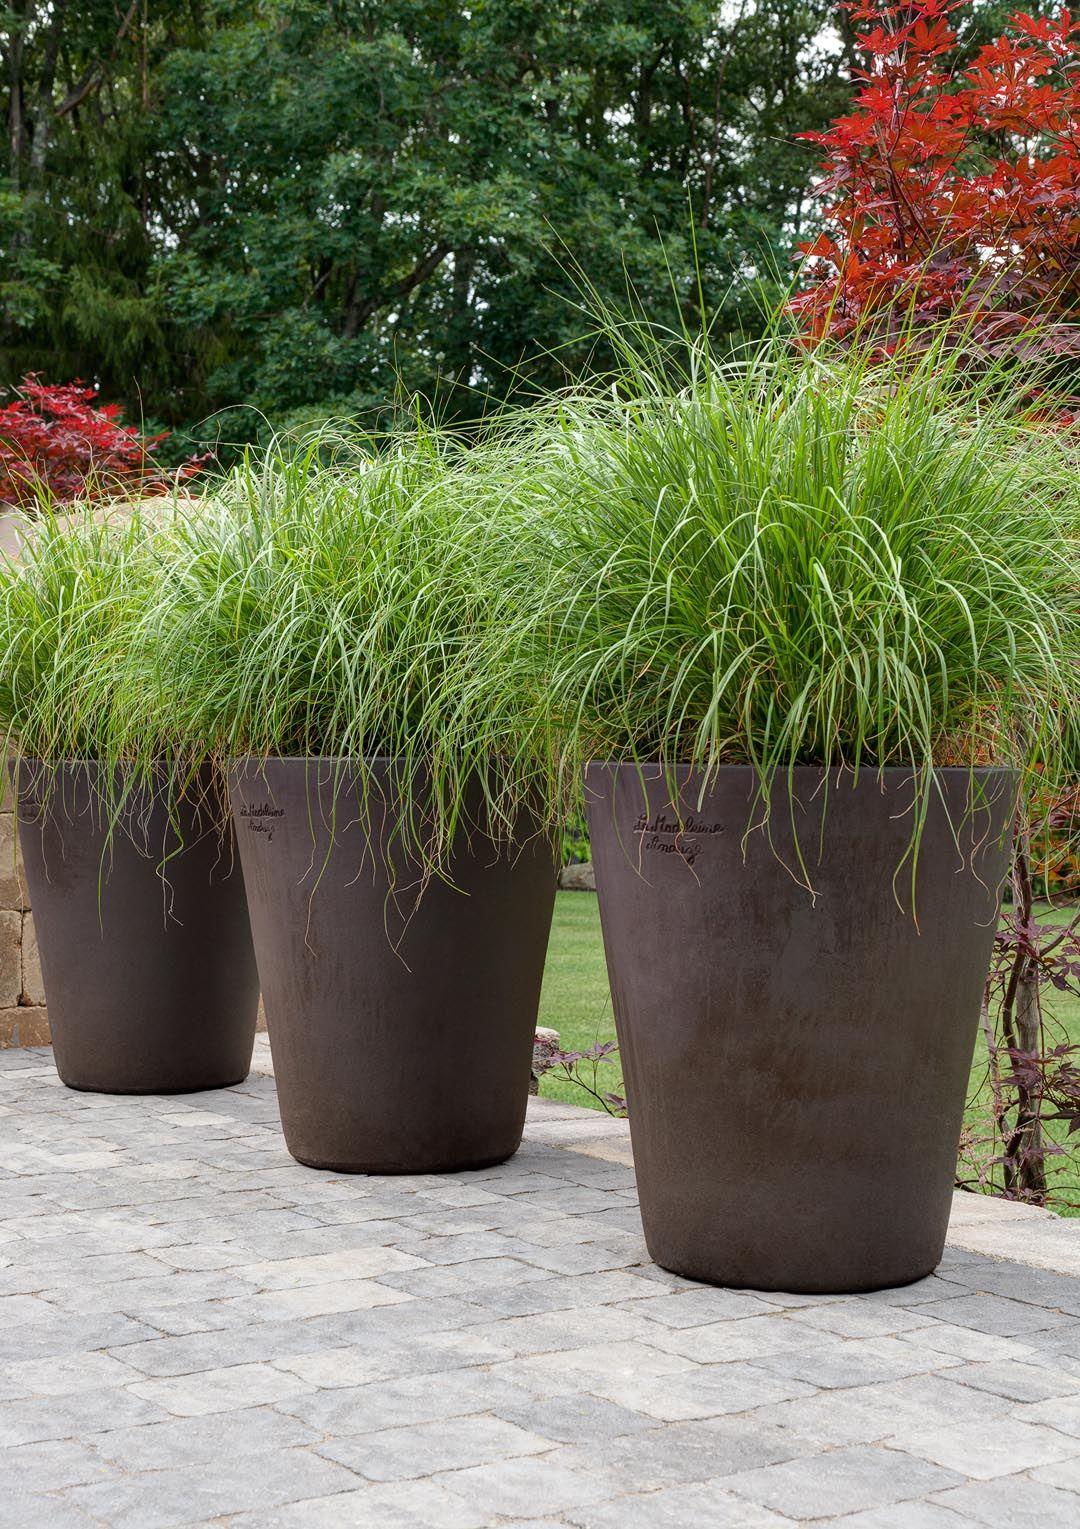 ornamental grasses in poterie de la madeleine. garden design, Hause und garten